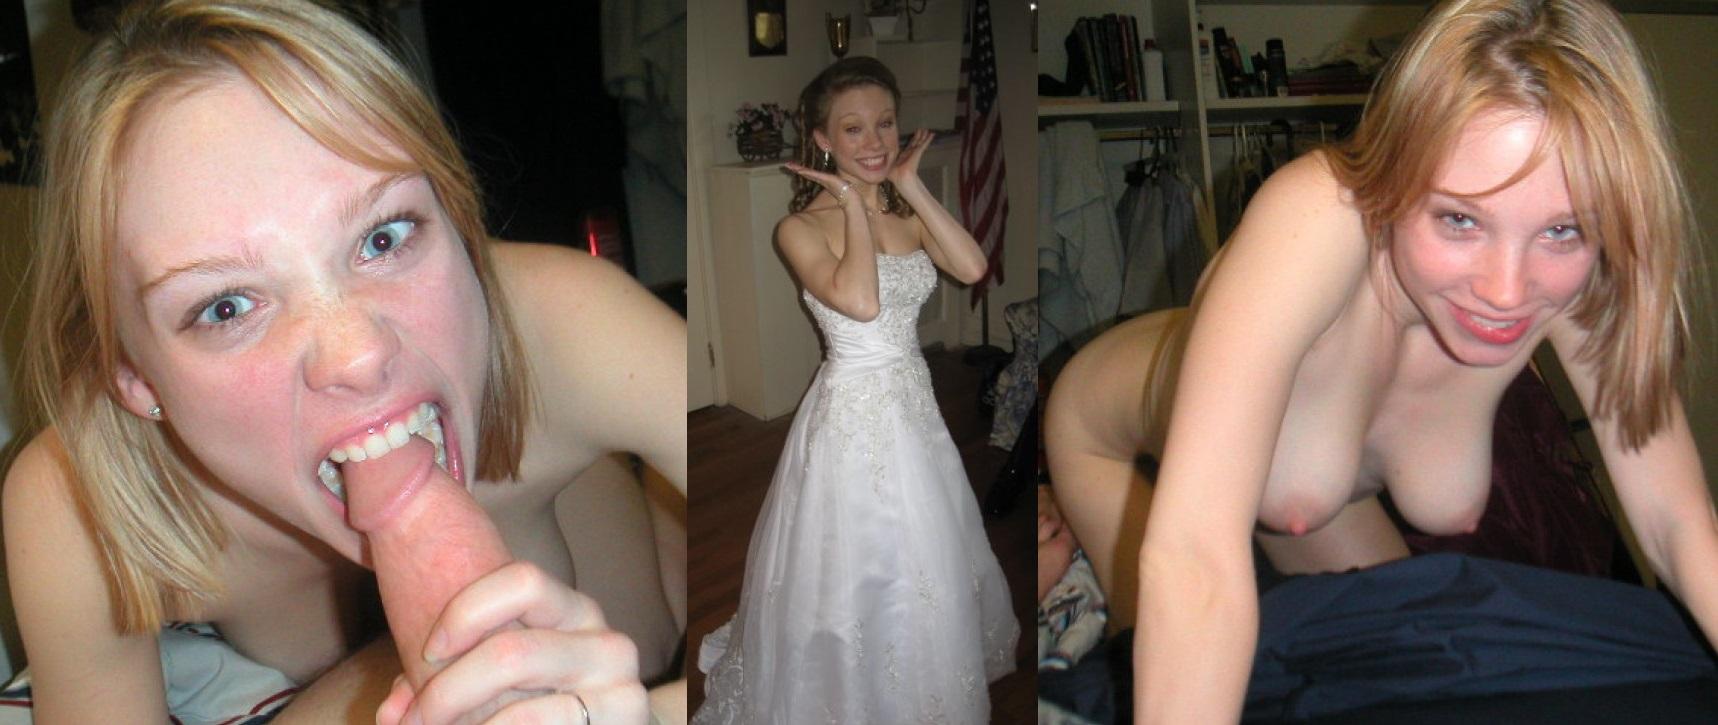 Amateur selfie cum on clothes